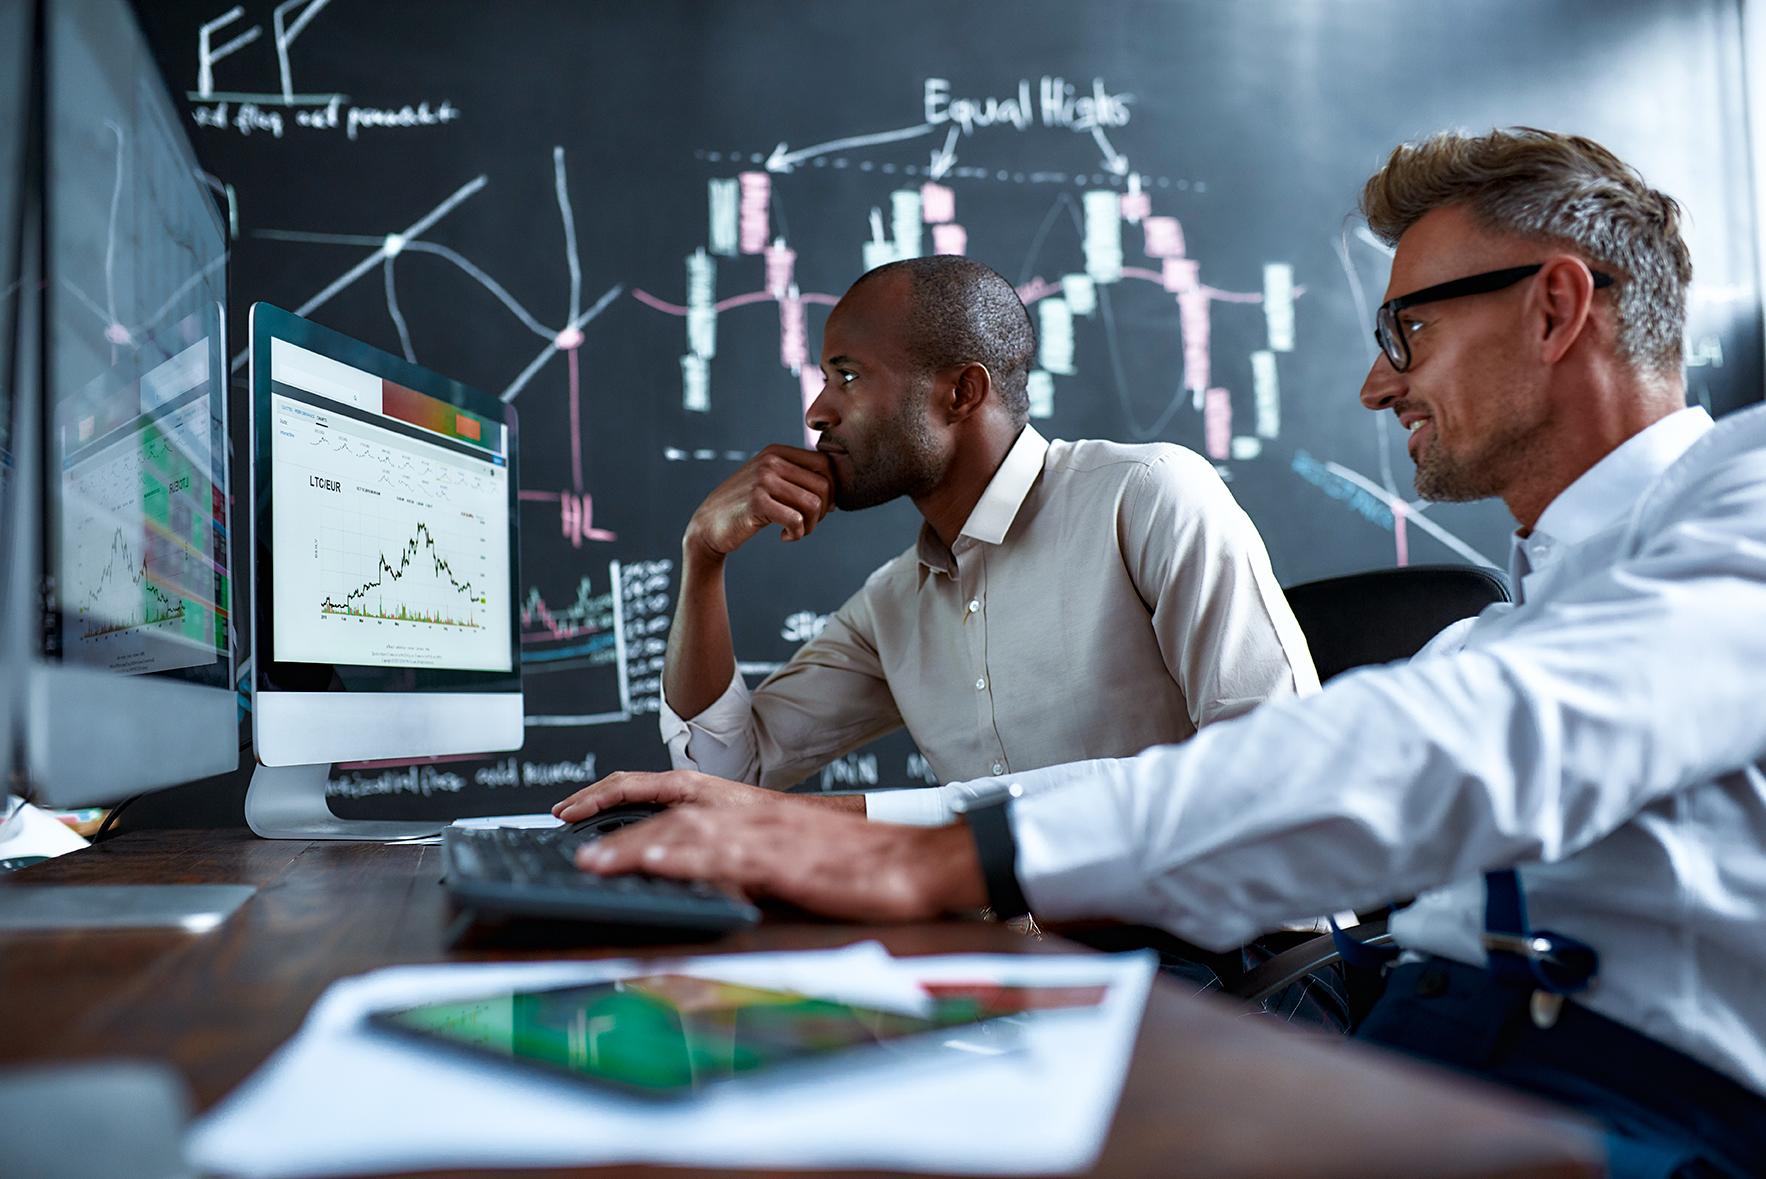 工務店経営に確かな未来を示す 「データ活用」の価値と可能性